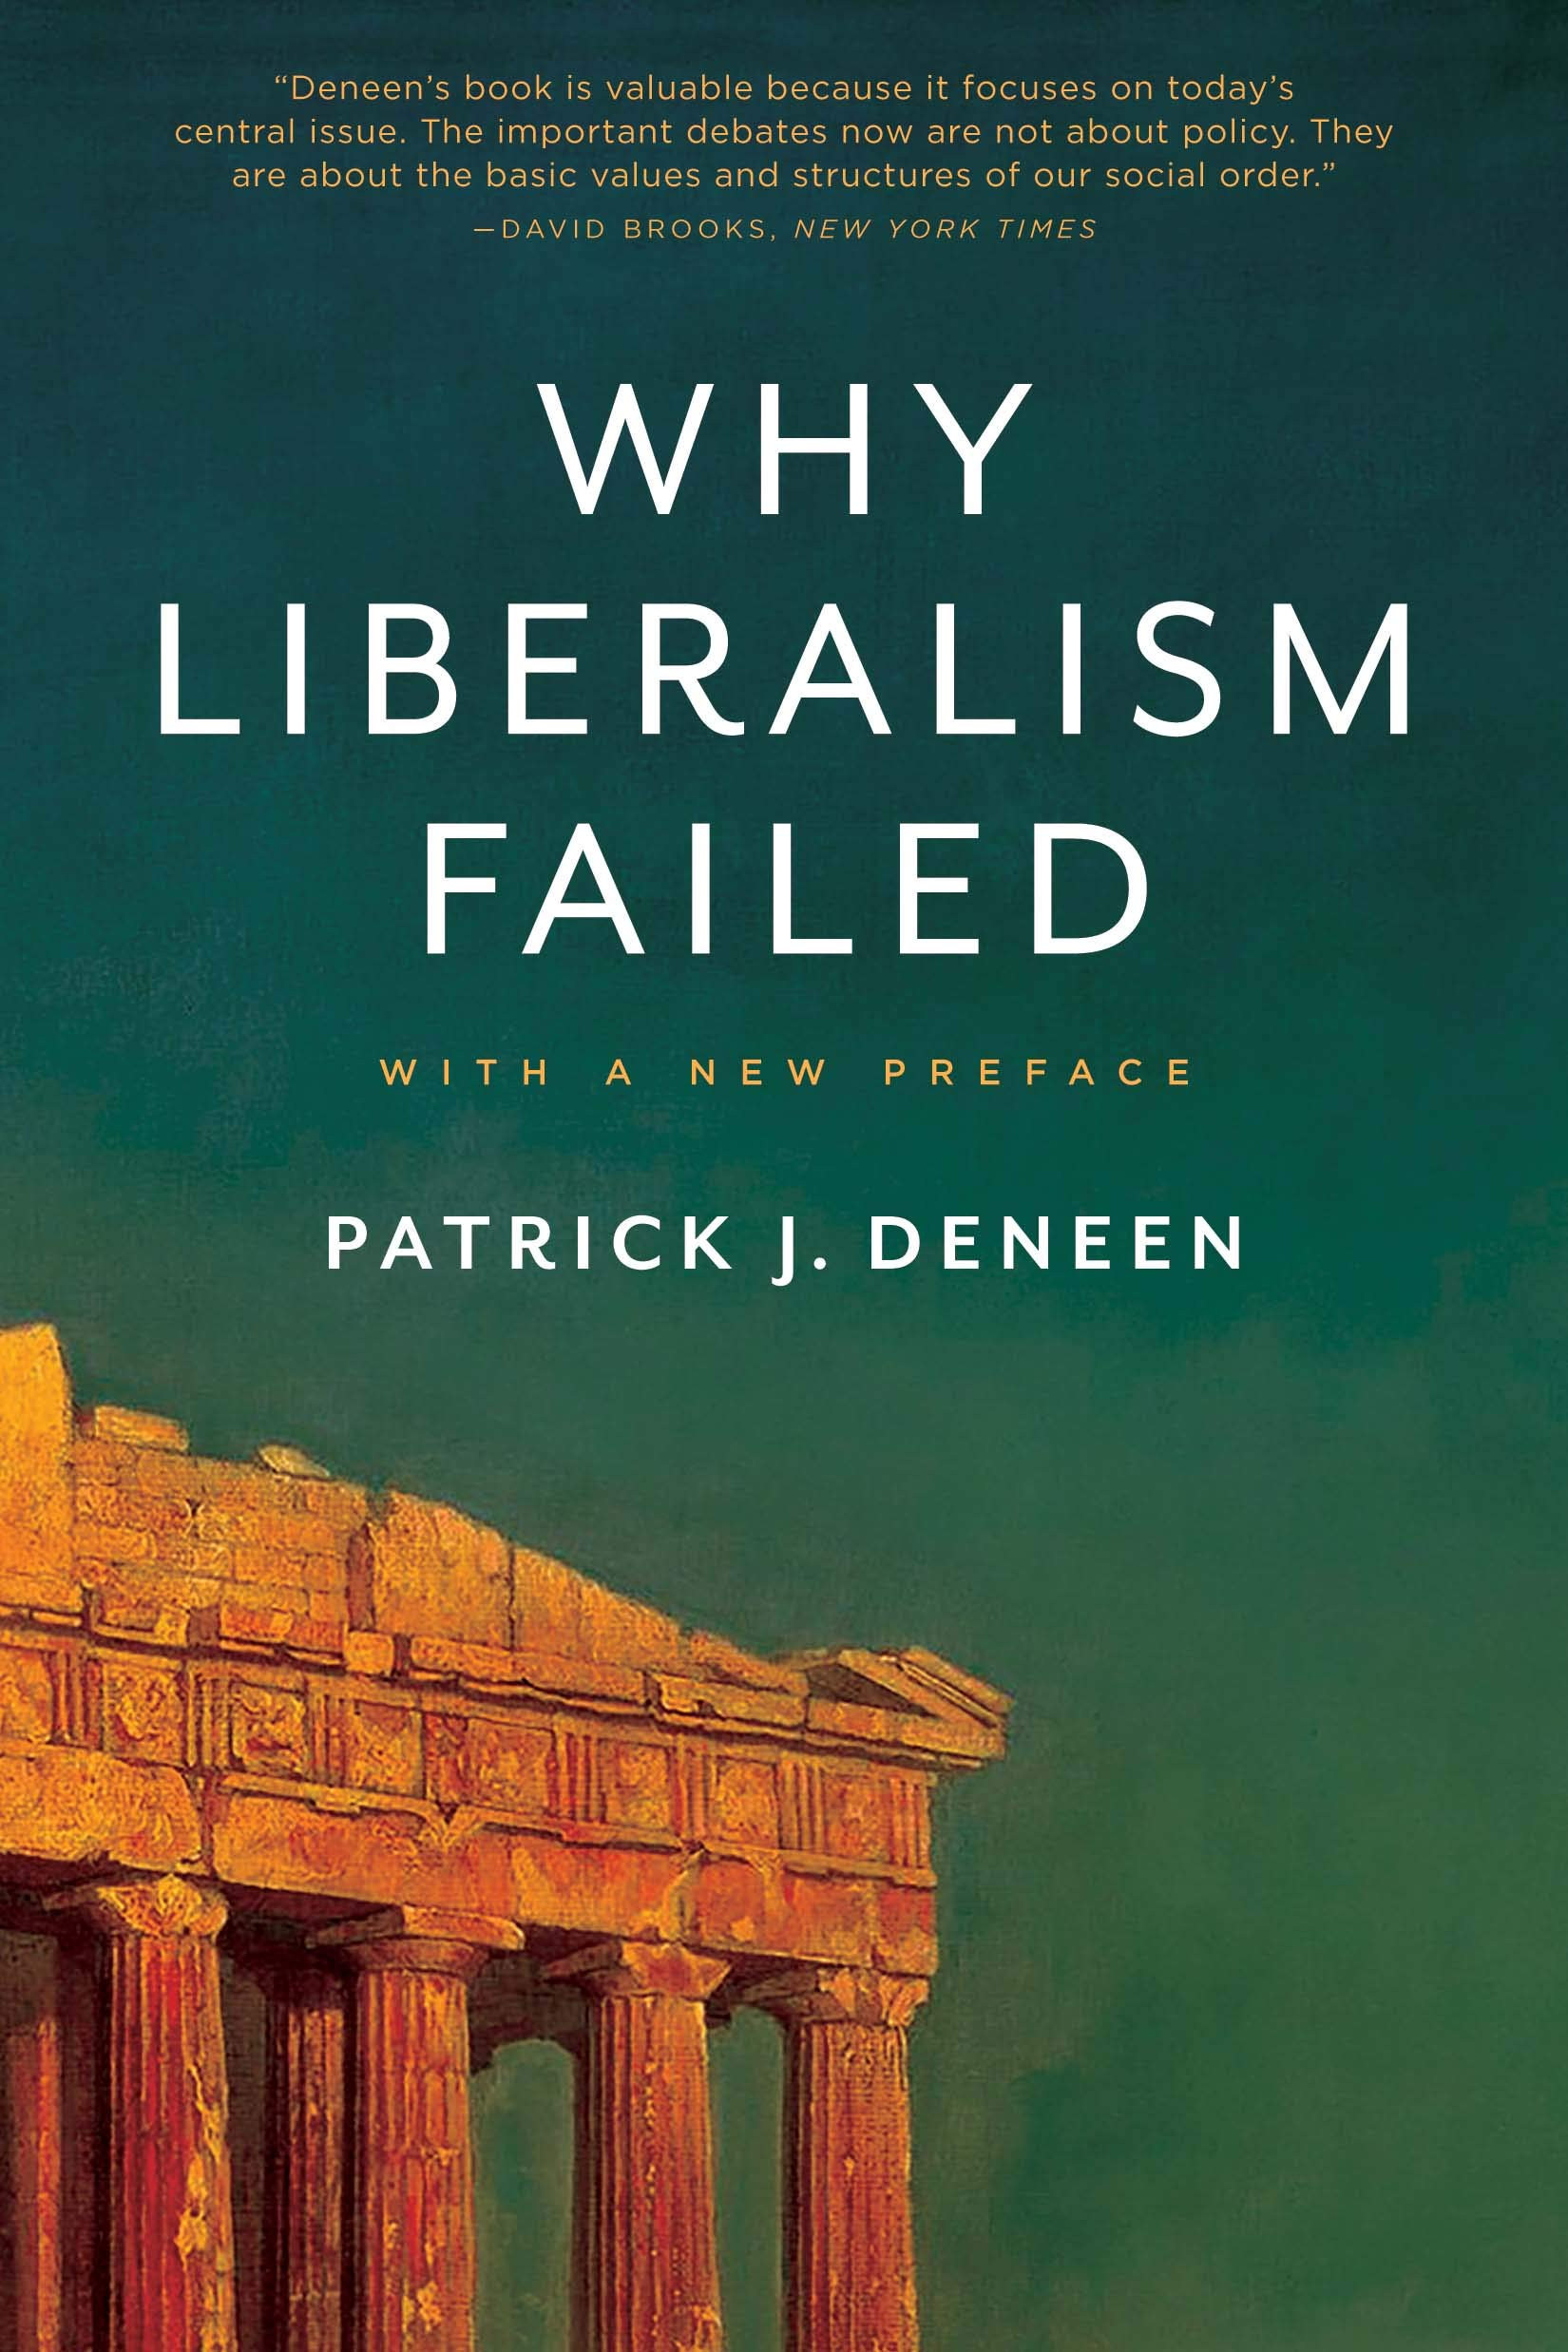 why-liberalism-failed.jpg